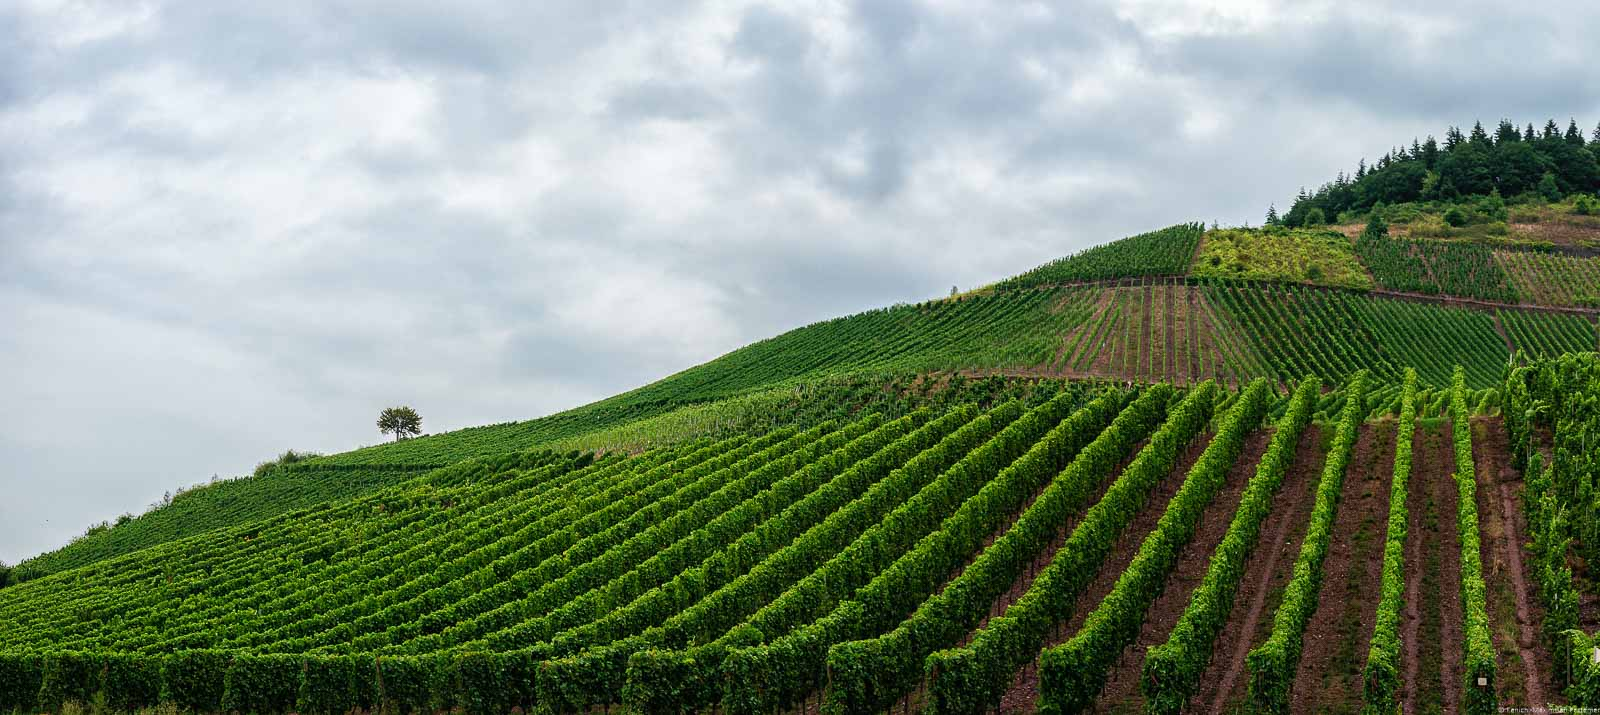 Der Schweicher Annaberg ist bekannt für seinen einzigartigen roten Schiefer. Vorne ist der steile Weinberg. Oben sind Wolken am Himmel.